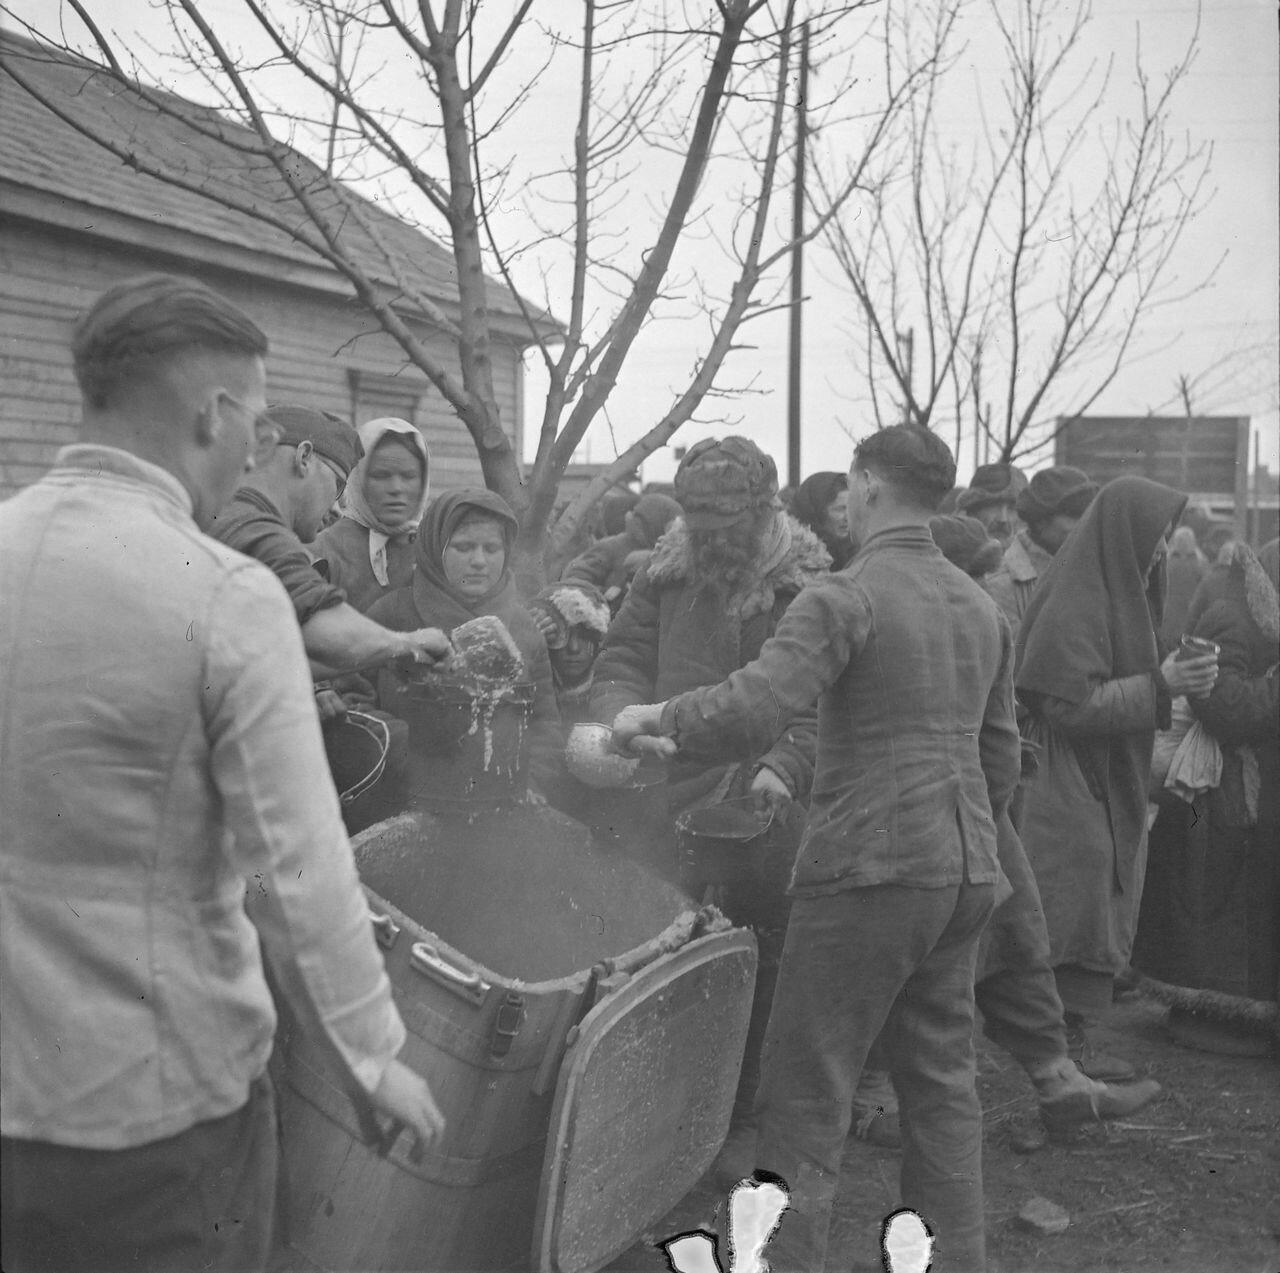 немцы оккупанты фото стоит опорах, несколько